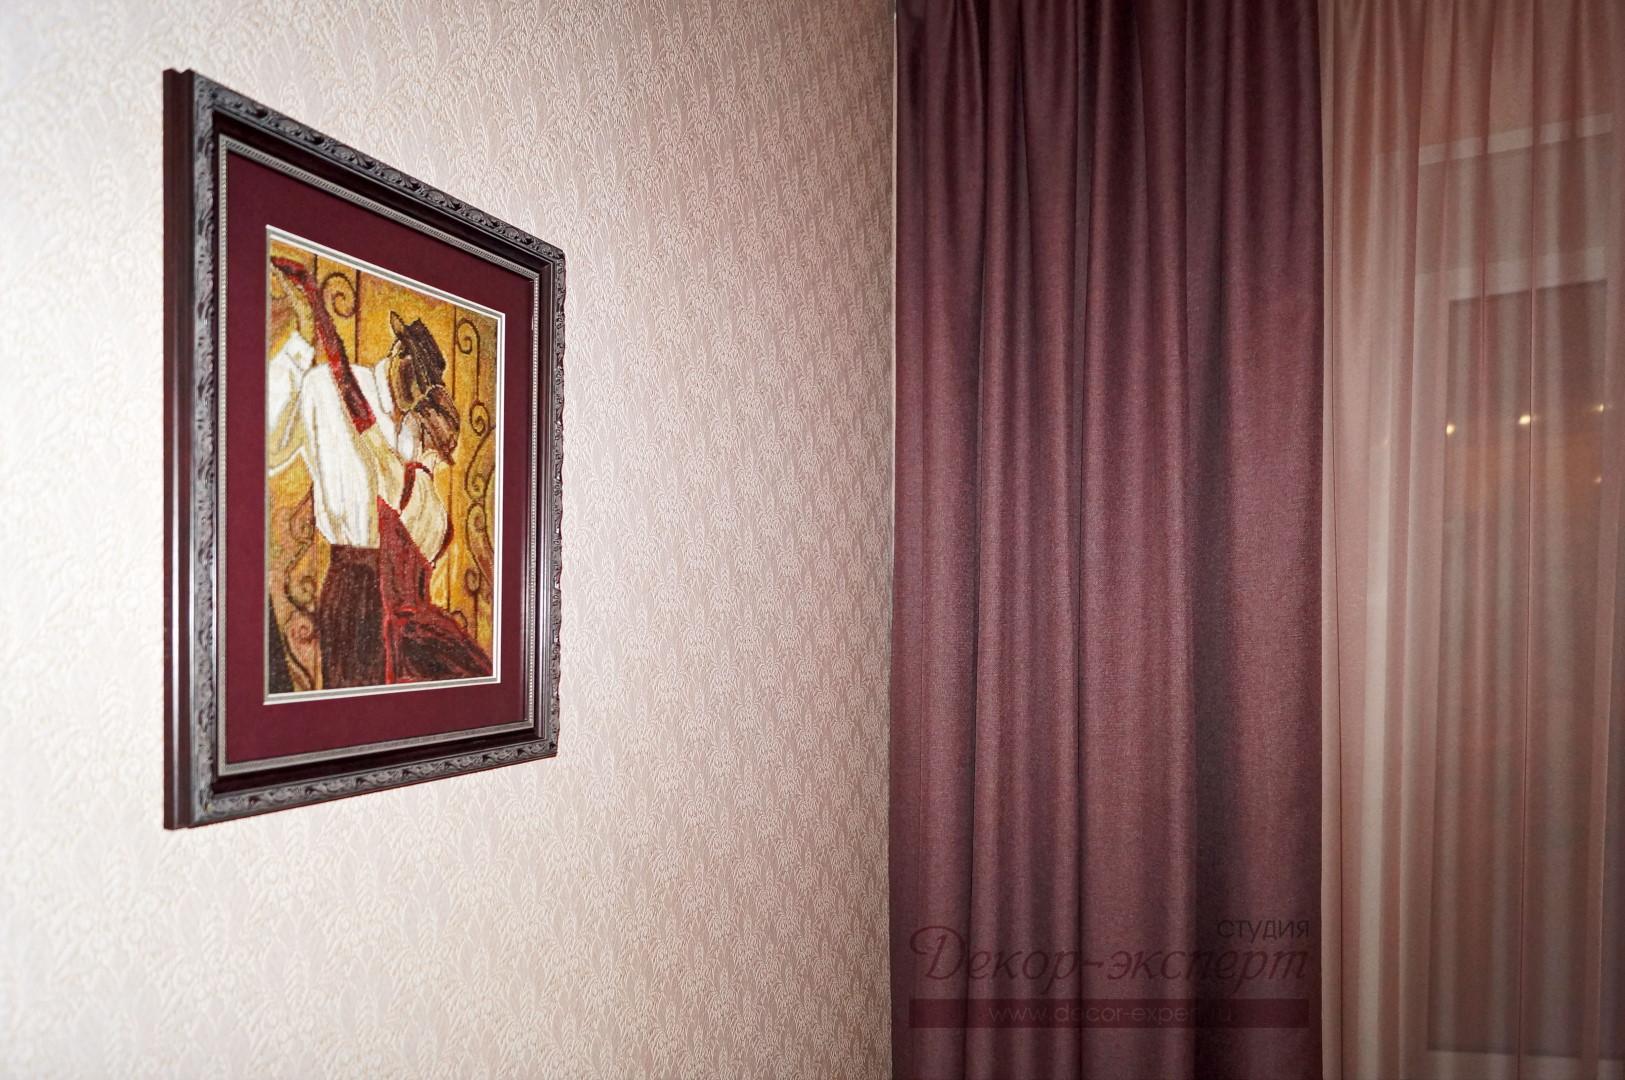 Вышитая картина на стене с обоями в светло лиловых тонах.